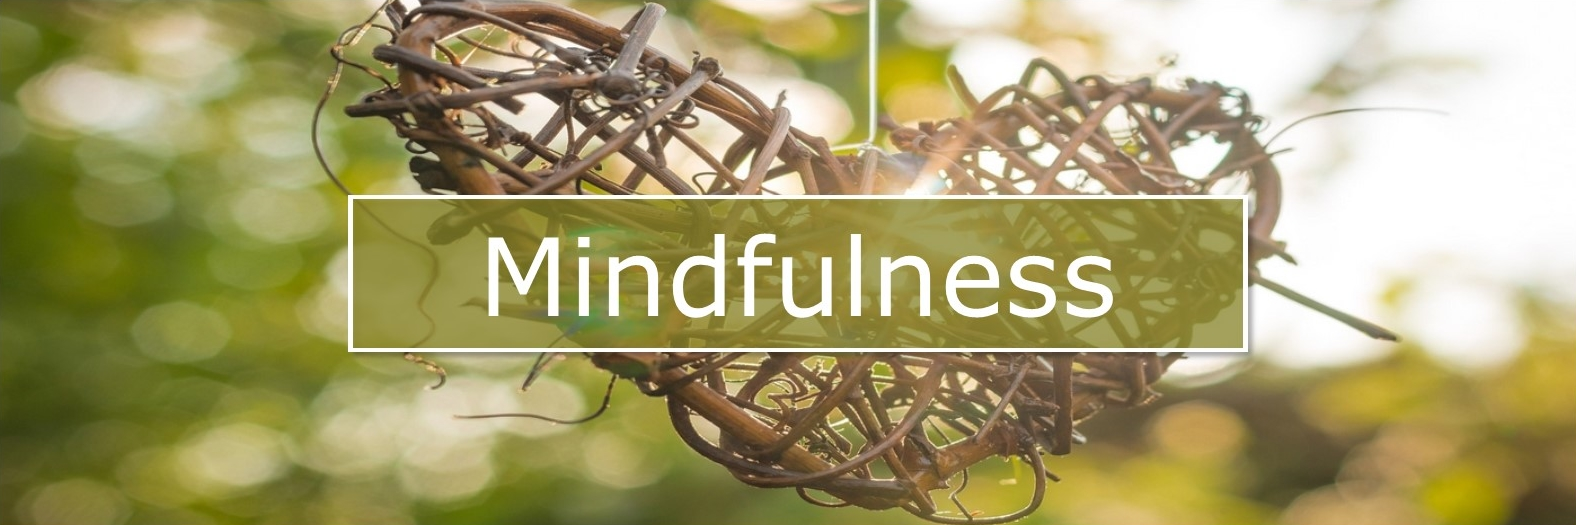 Mindfulness in Havelterberg, Steenwijk, Meppel, Overijssel bij Sylvia van der Laan